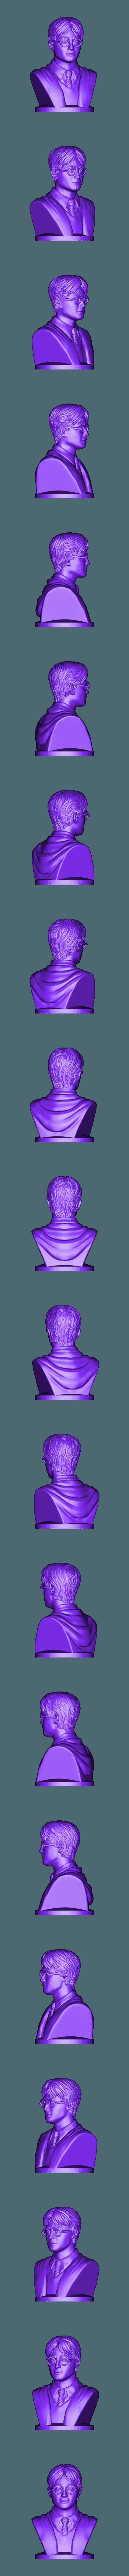 Harry_Potter_80mm.stl Télécharger fichier STL gratuit Harry Potter - Buste - 80mm • Modèle à imprimer en 3D, Alice_Masked